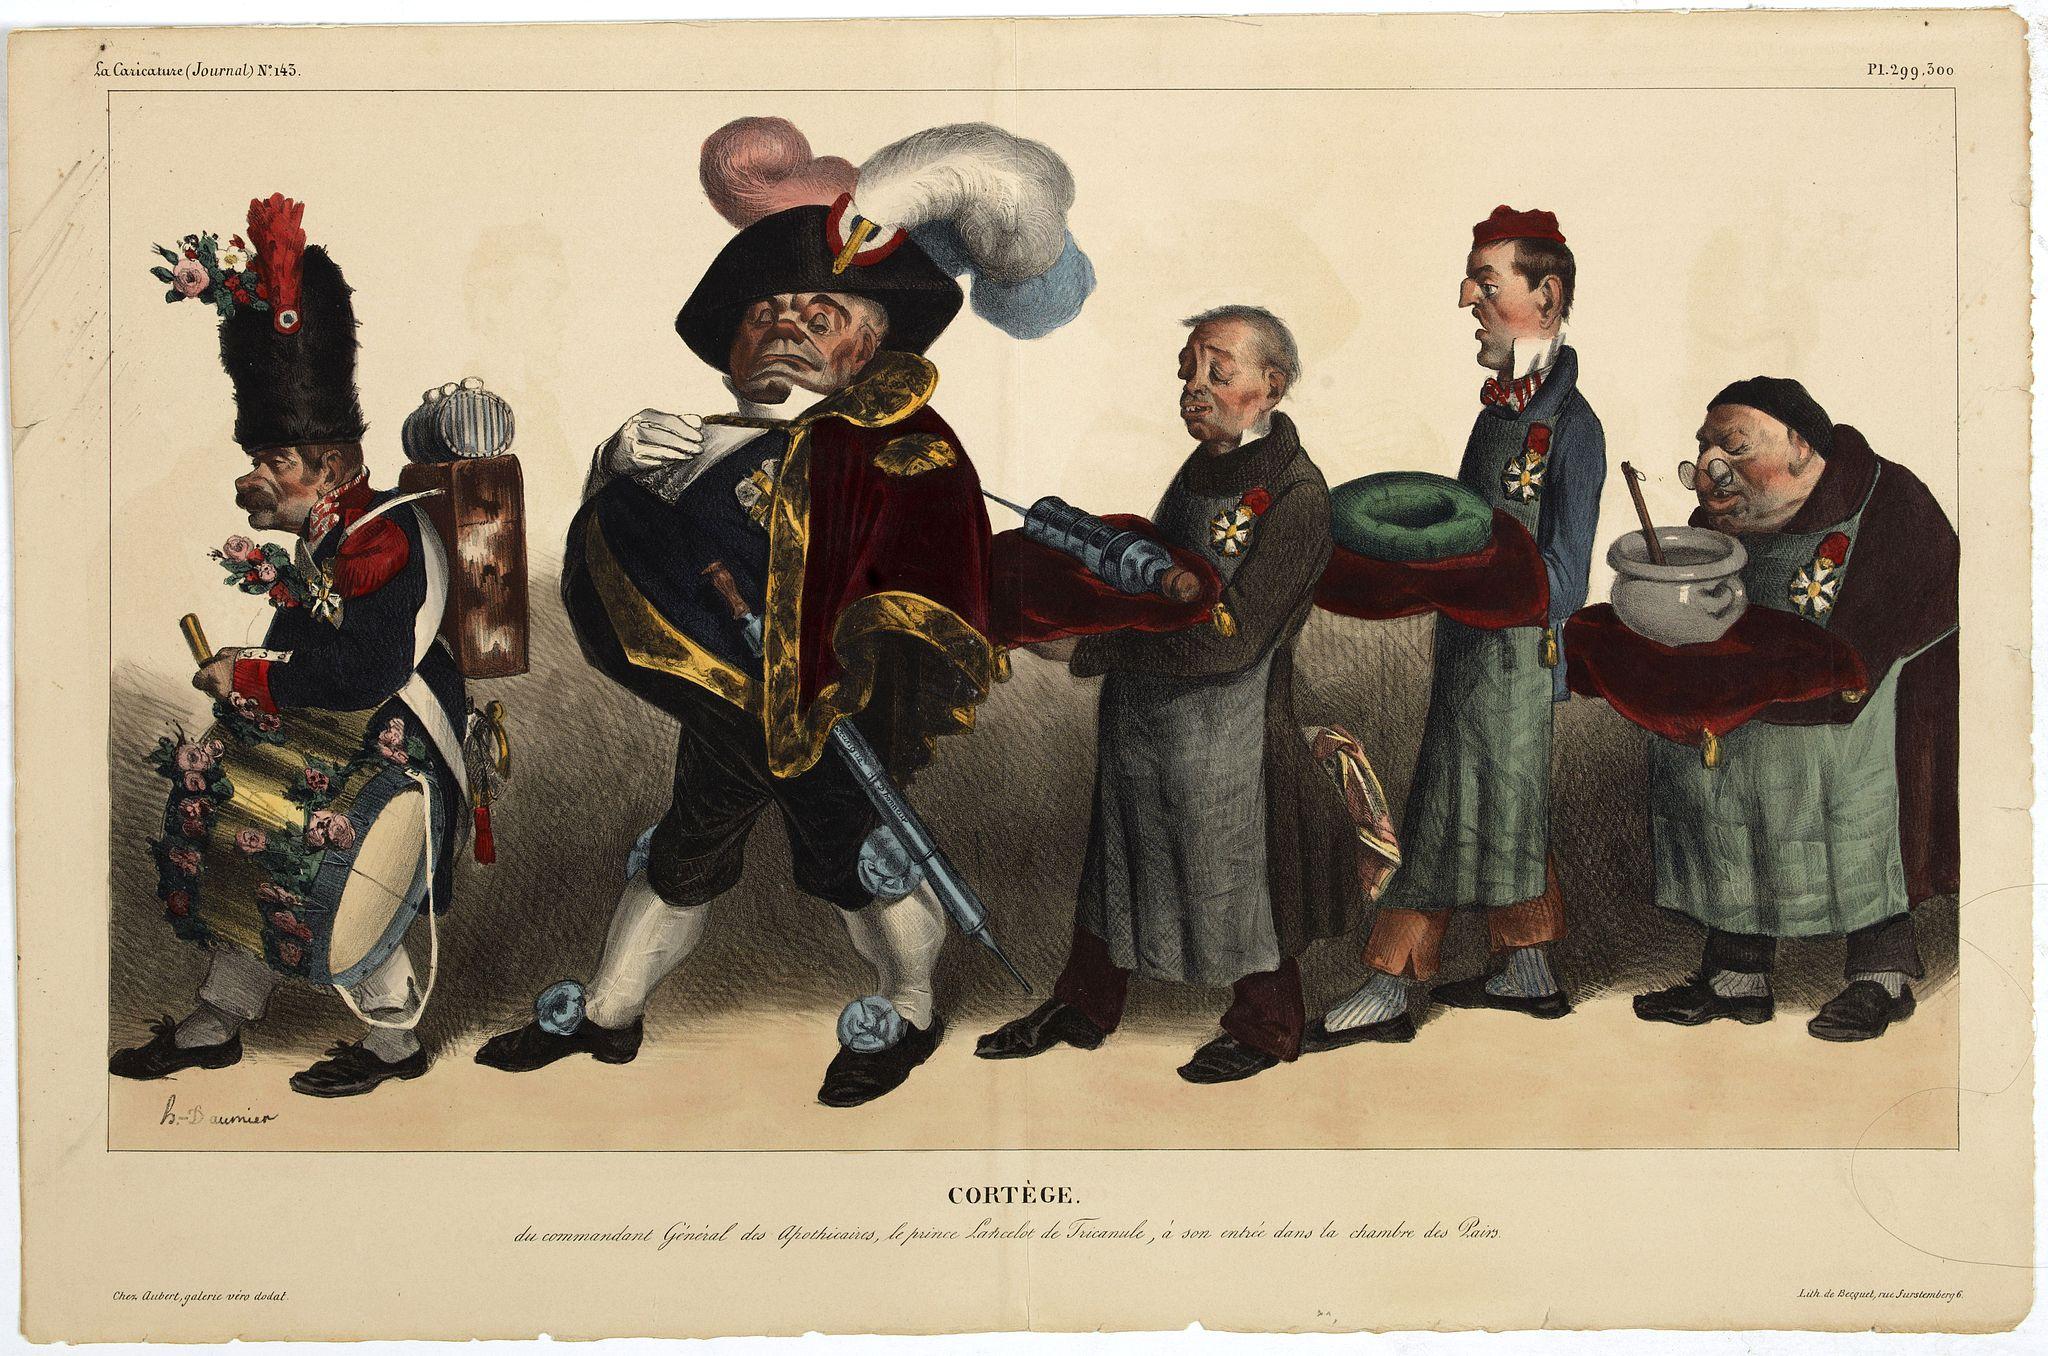 DAUMIER, H. -  Cortège du Commandant Général des Apothicaires, le prince Lancelot de Tricanule, à son entrée dans la Chambre de Pairs.